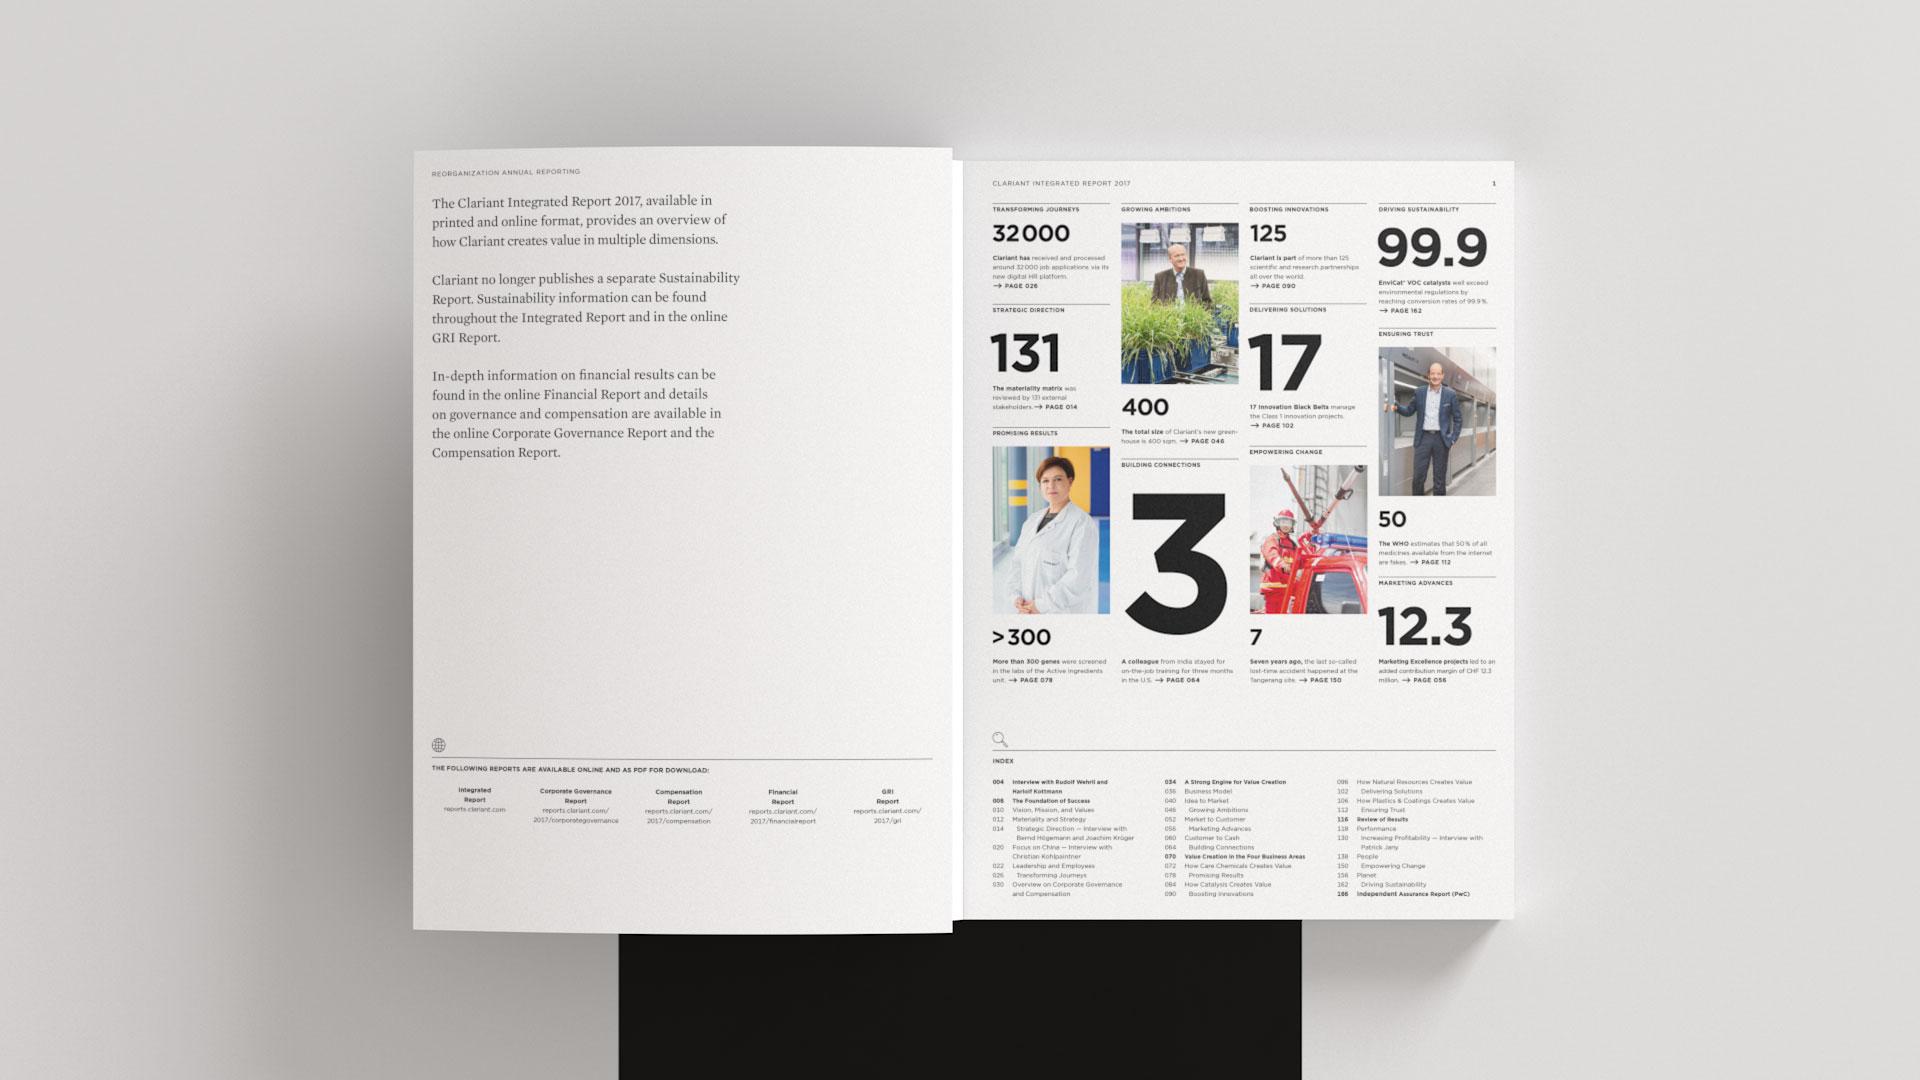 Clariant Integrierter Bericht 2017 Inhaltsverzeichnis